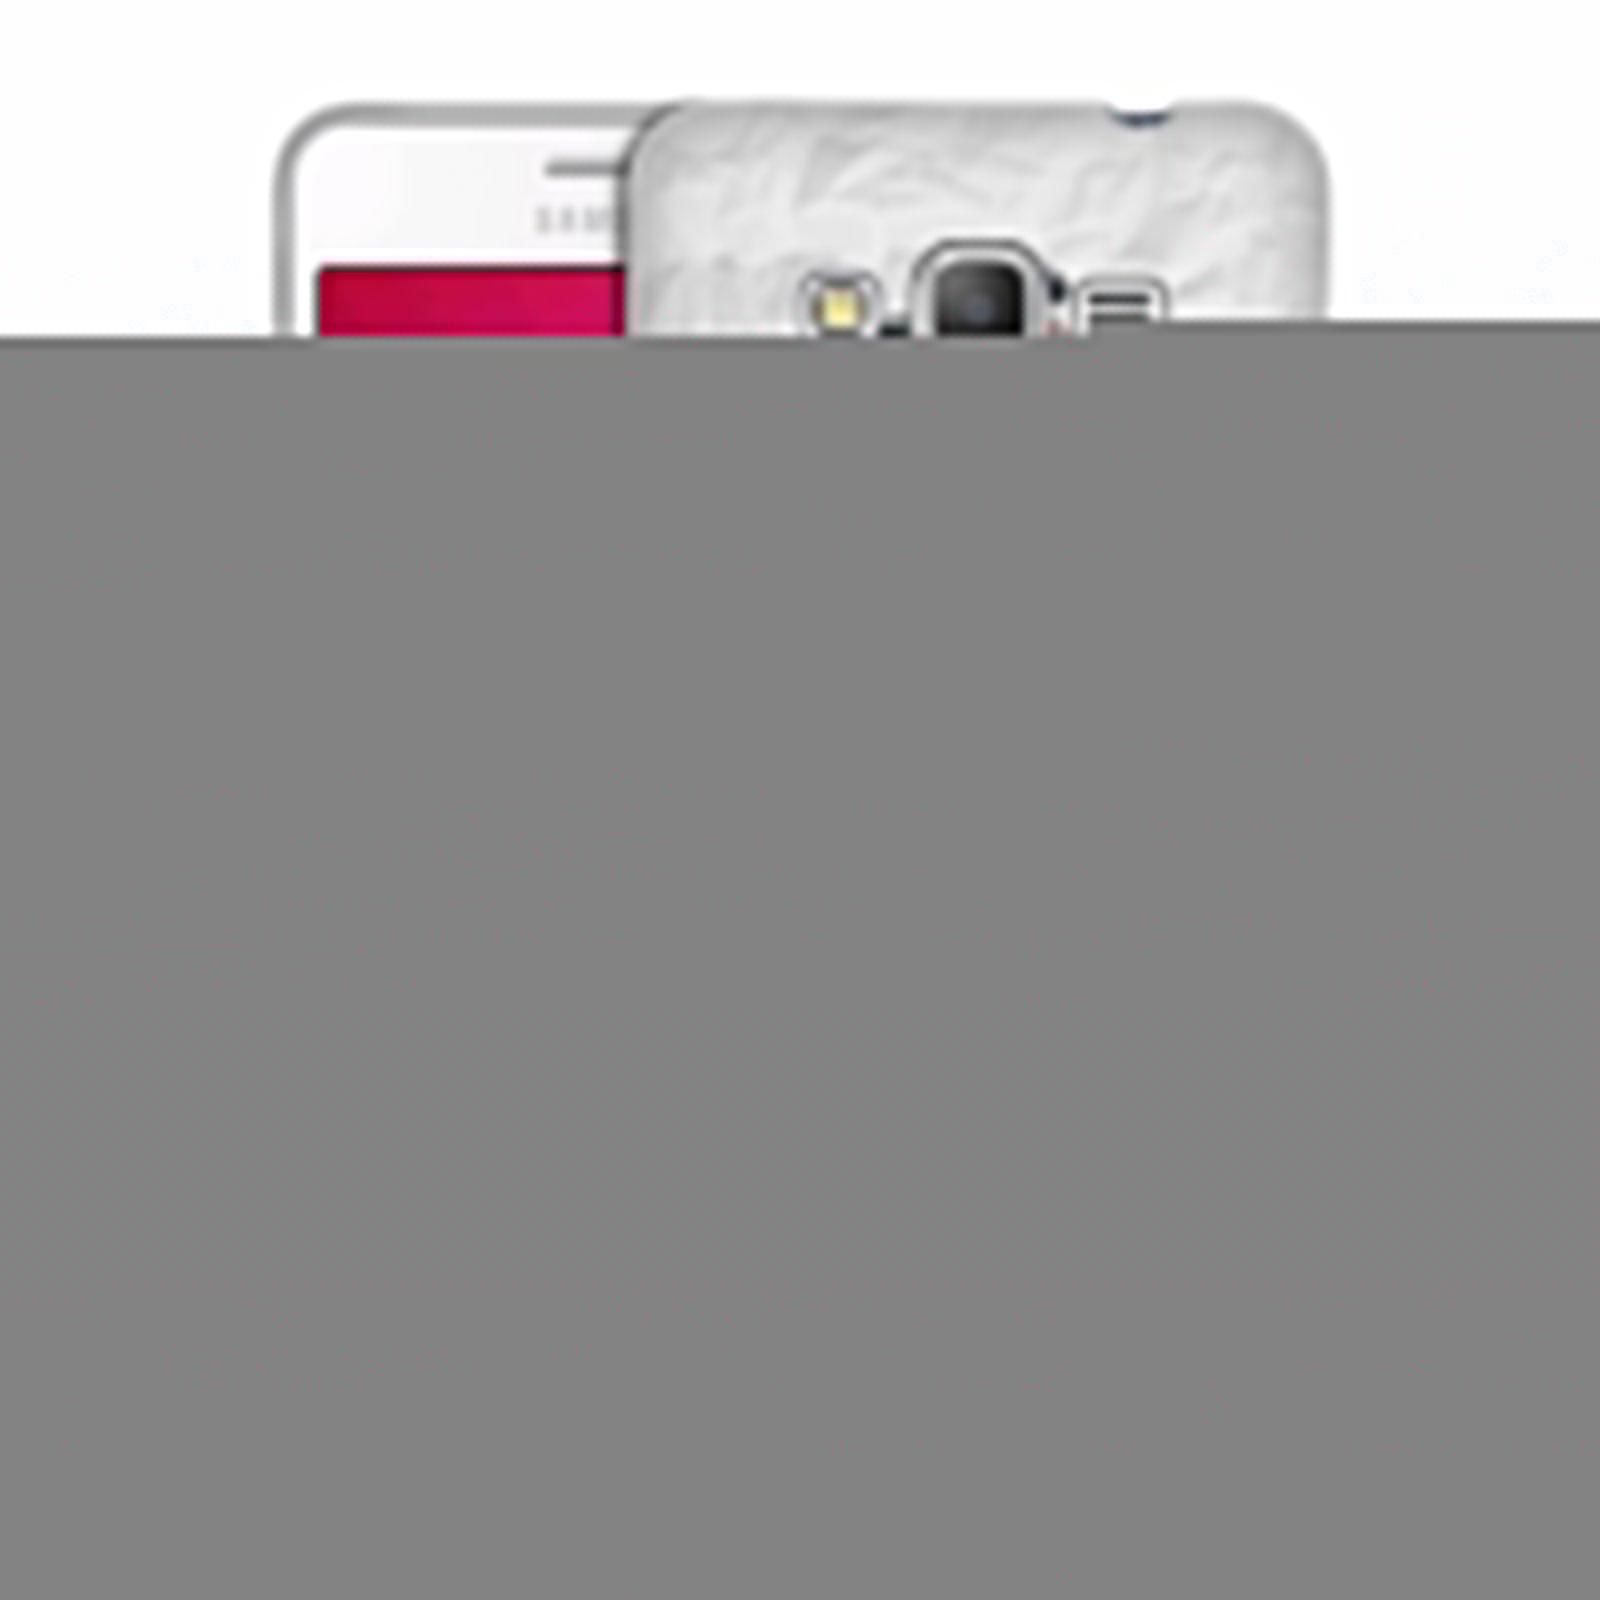 HEAD CASE silikonový obal na mobil Samsung Galaxy GRAND PRIME vzor Retro kola VELKÉ KOLO